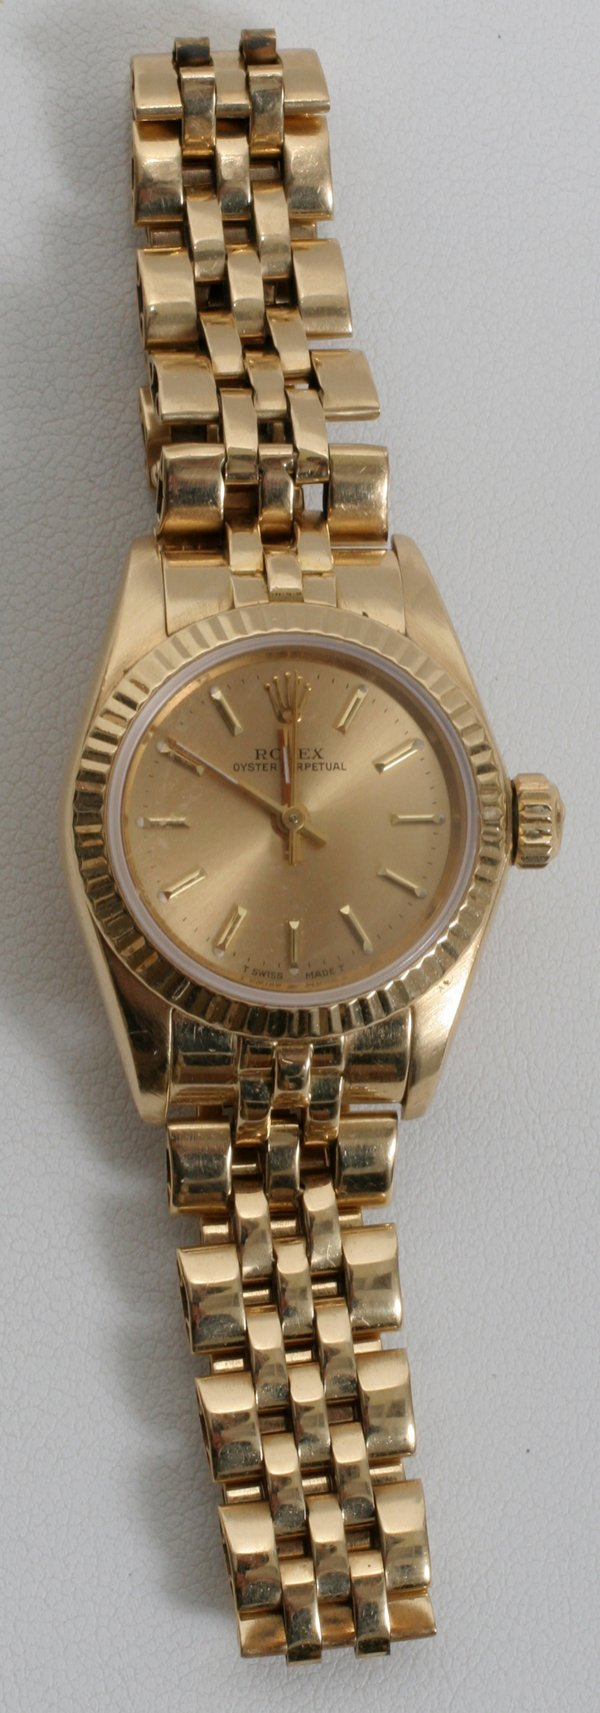 050012: ROLEX 18 KT YELLOW GOLD WRISTWATCH, LADIES